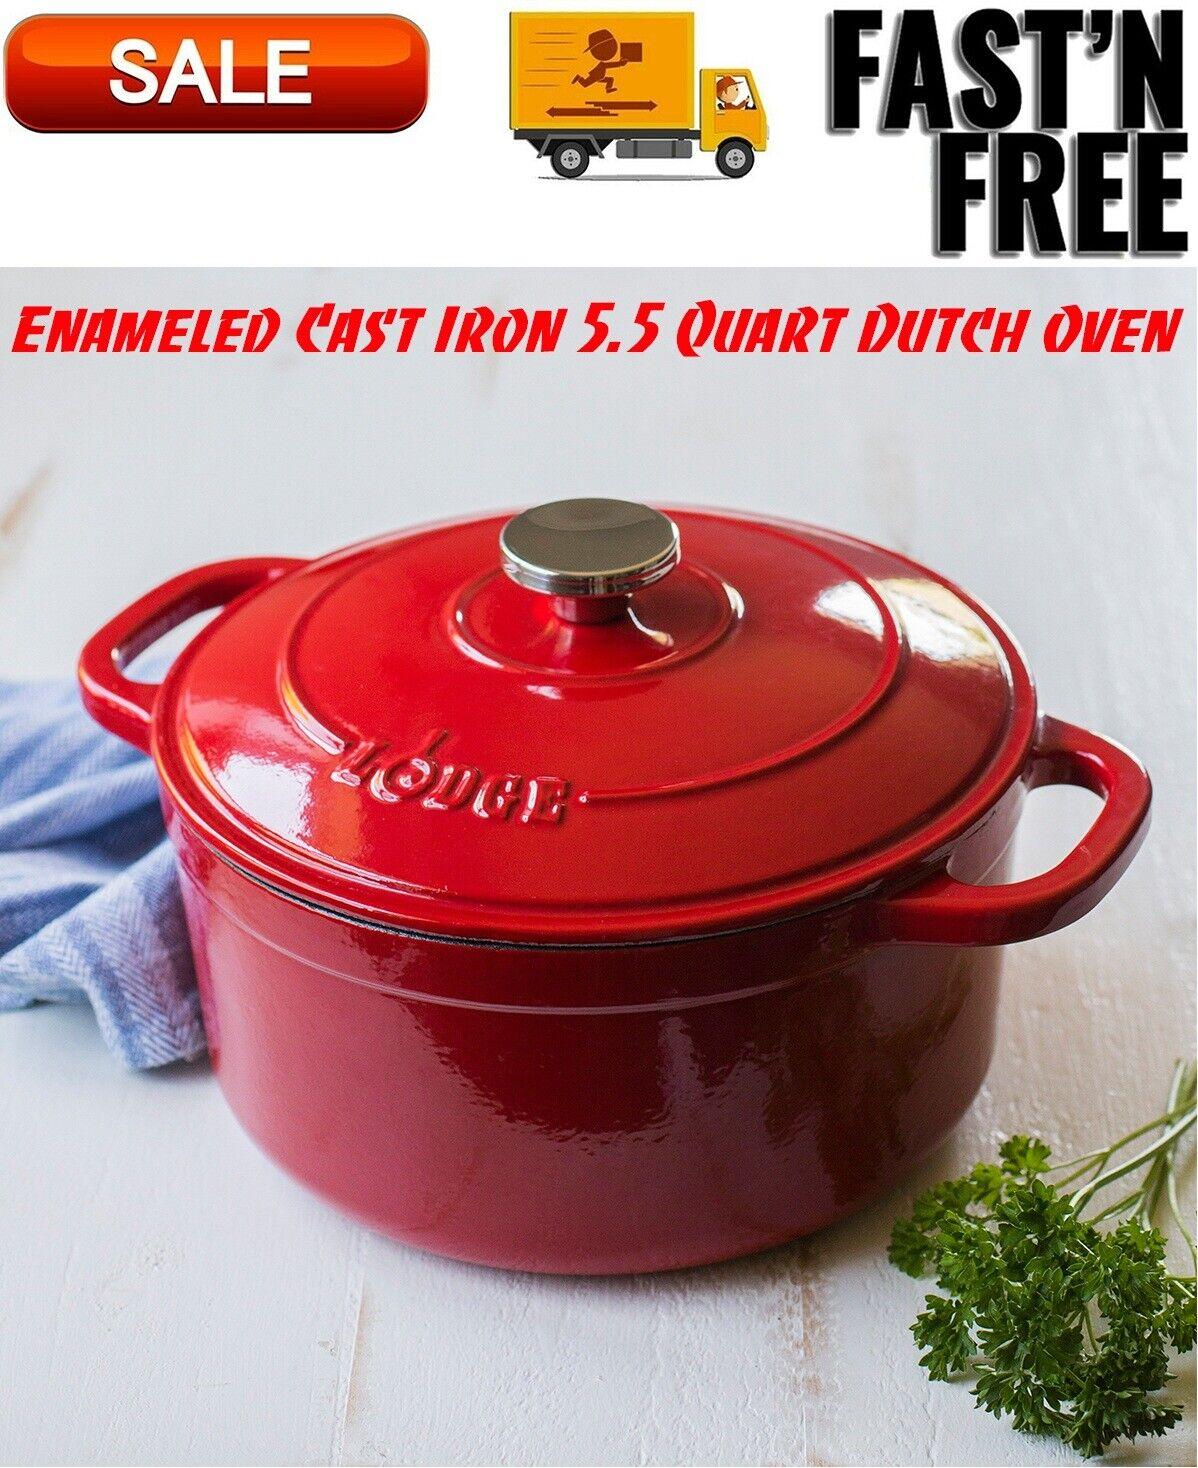 Lodge Enameled Cast Iron 5.5 Quart Dutch Oven, Cookware, Pot